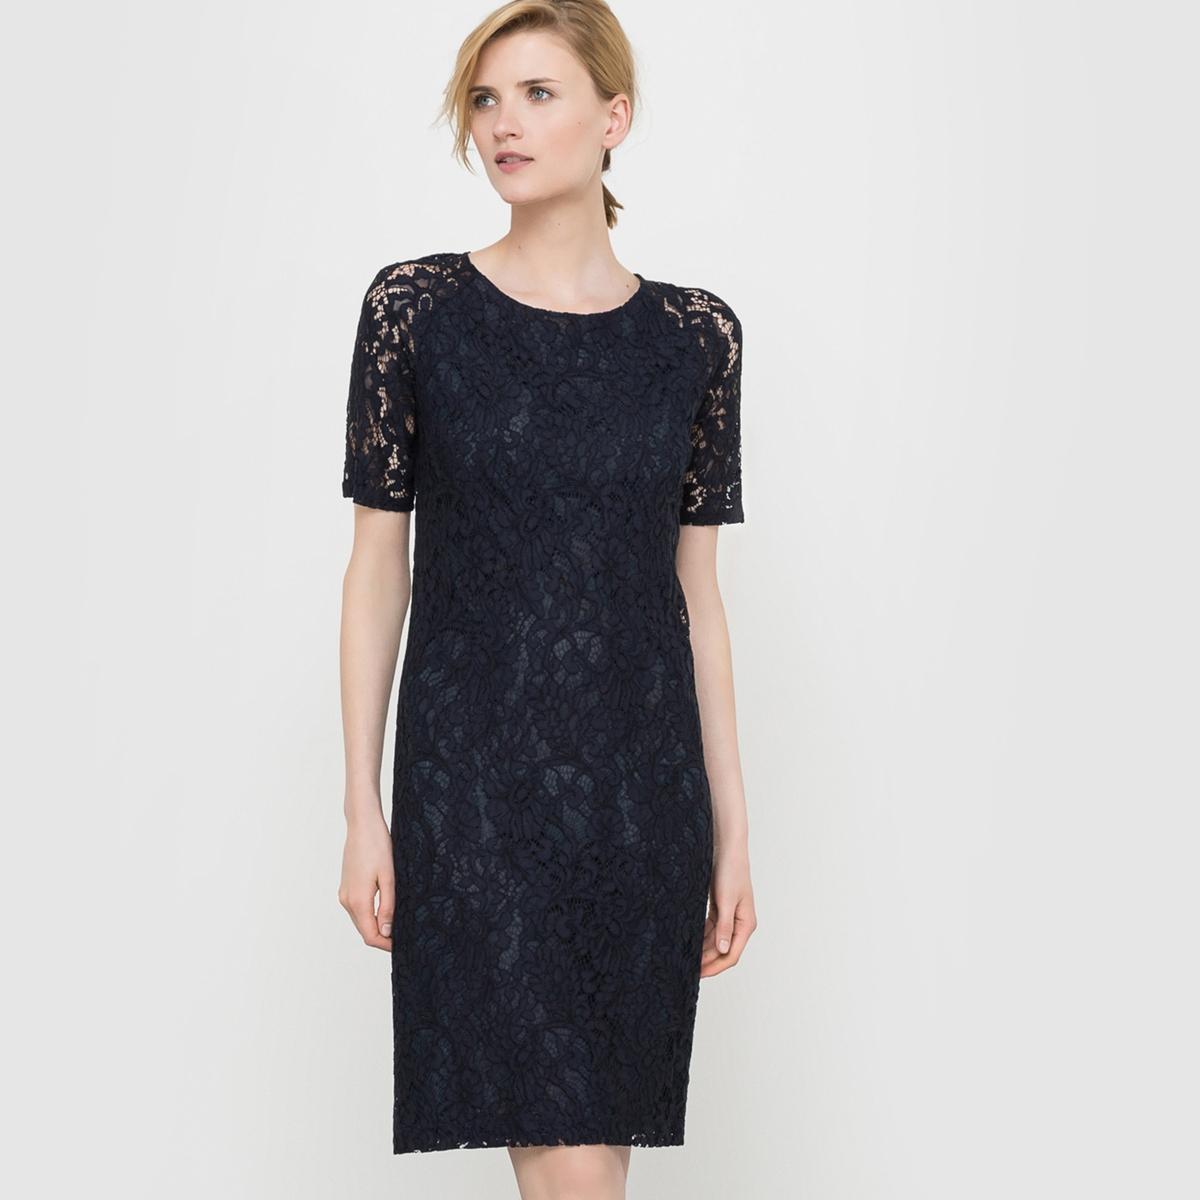 Платье прямое из кружеваКружевное платье. Прямой покрой. Длина рукавов: до локтя, проймы рукавов реглан. Круглый вырез, вырез-капелька с застежкой на пуговицу сзади. Перед и спинка на подкладке из хлопковой вуали.Состав и описаниеМарка: Atelier RДлина: 98 см.Материал: кружево, 44% вискозы, 30% полиамида, 26% хлопка. - Подкладка из 100% хлопка.УходМашинная стирка при 30°C в деликатном режиме.Стирать с вещами схожих цветов, предварительно вывернув изделие наизнанку.Машинная сушка запрещена.Гладить на низкой температуре, вывернув наизнанку.<br><br>Цвет: темно-синий,черный<br>Размер: 38 (FR) - 44 (RUS).40 (FR) - 46 (RUS).36 (FR) - 42 (RUS)